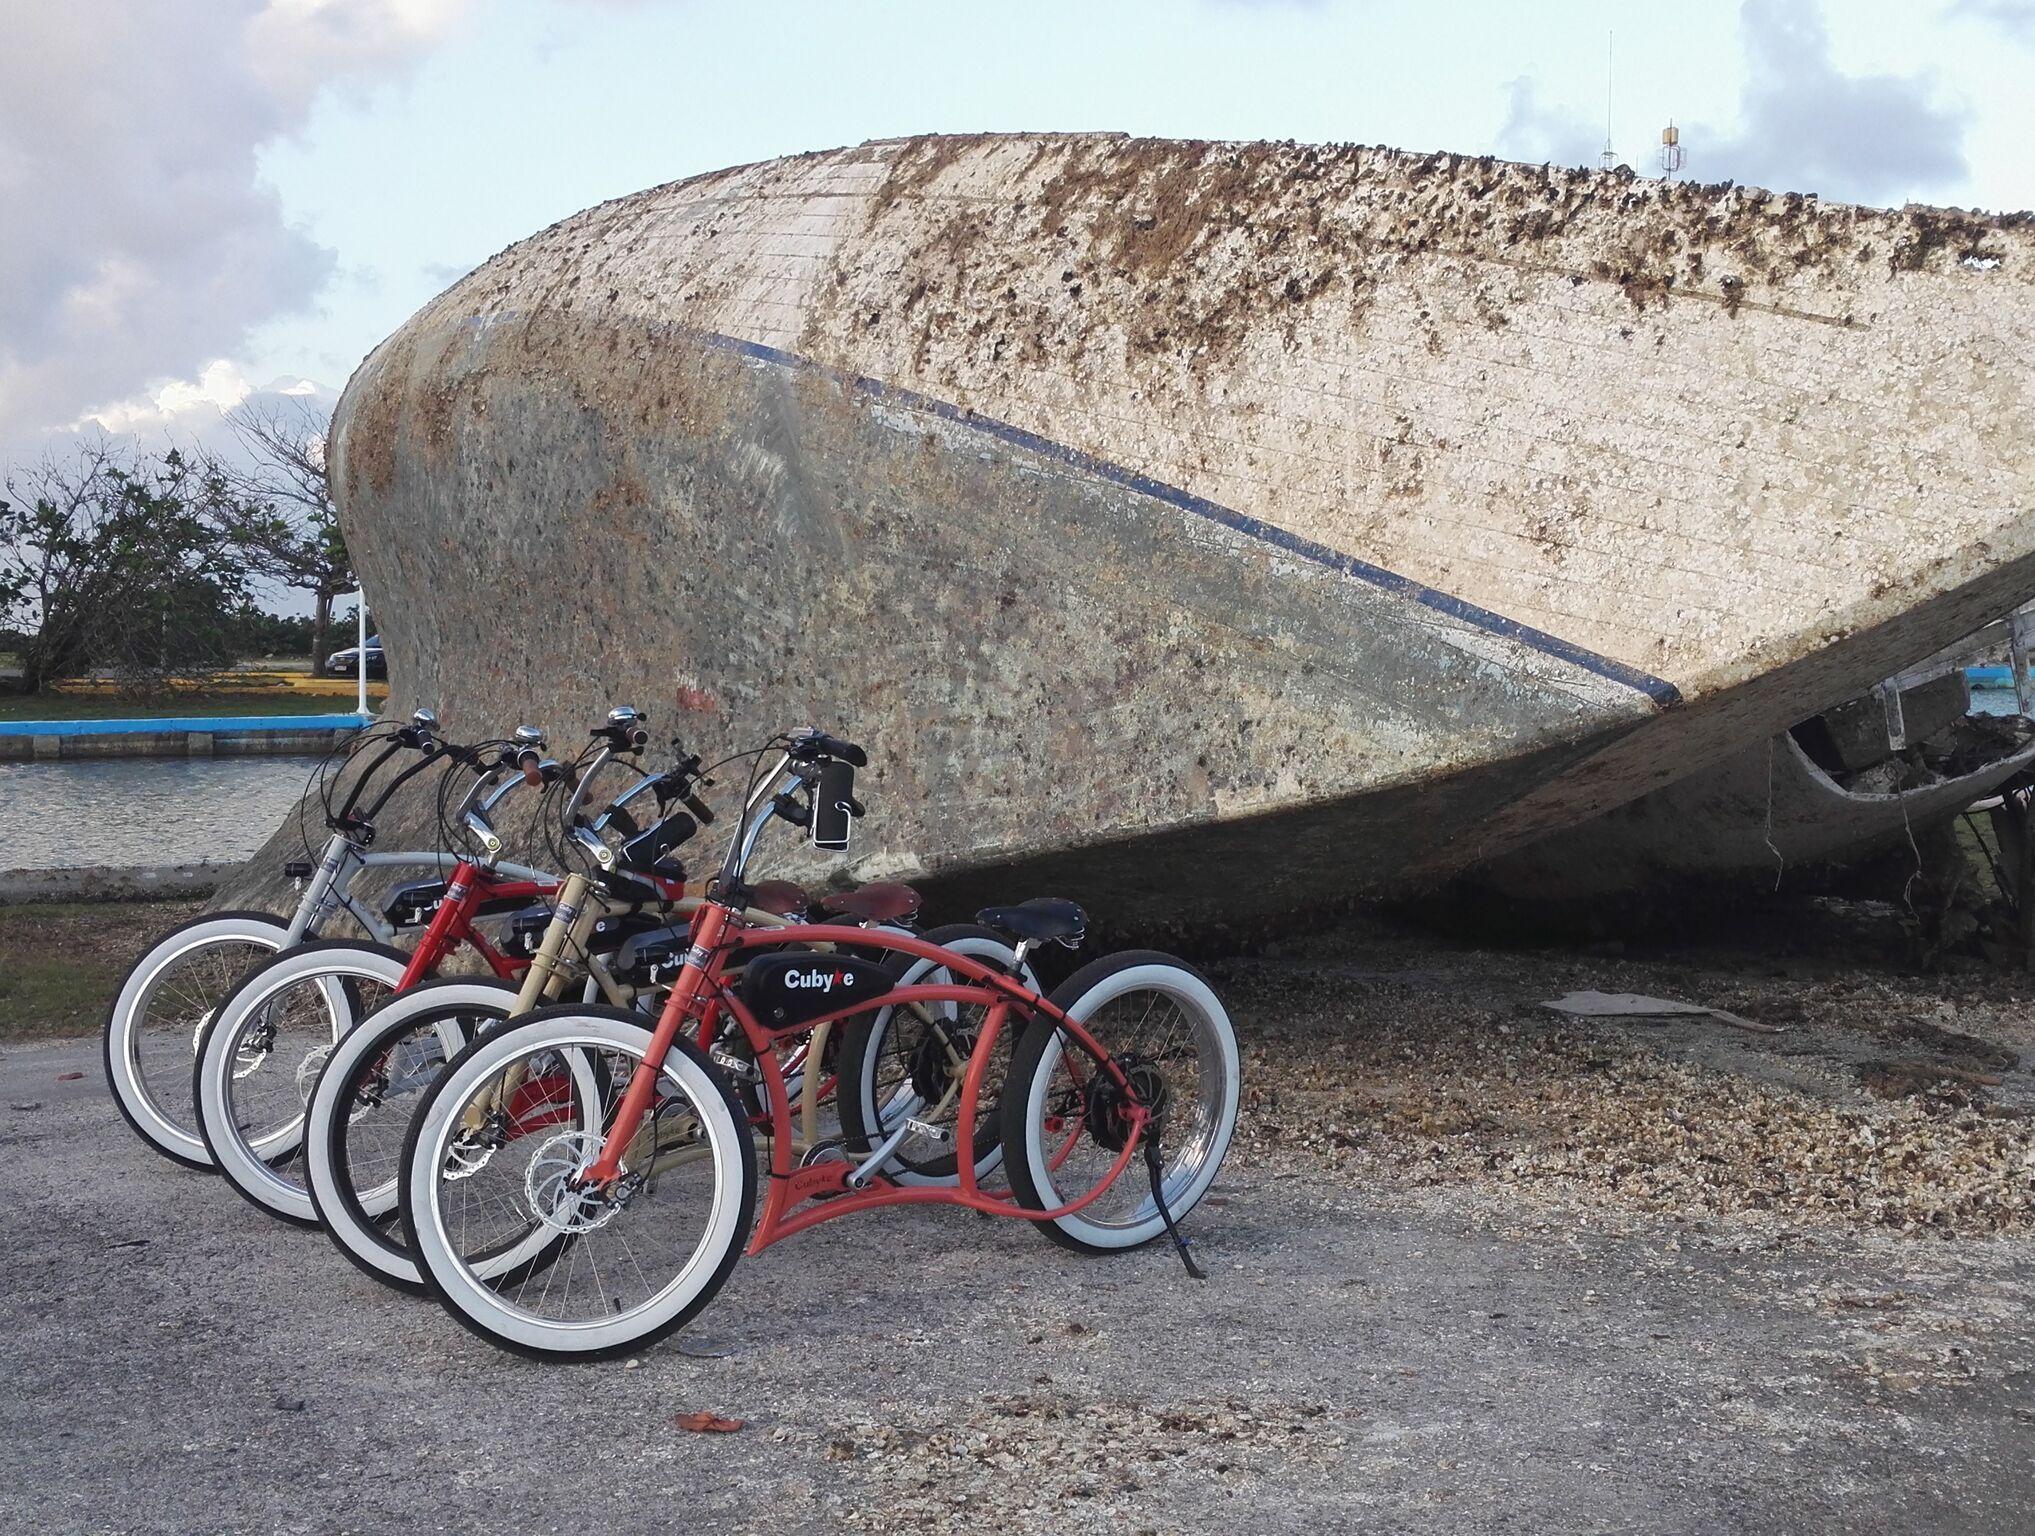 Kuba bikes.jpeg